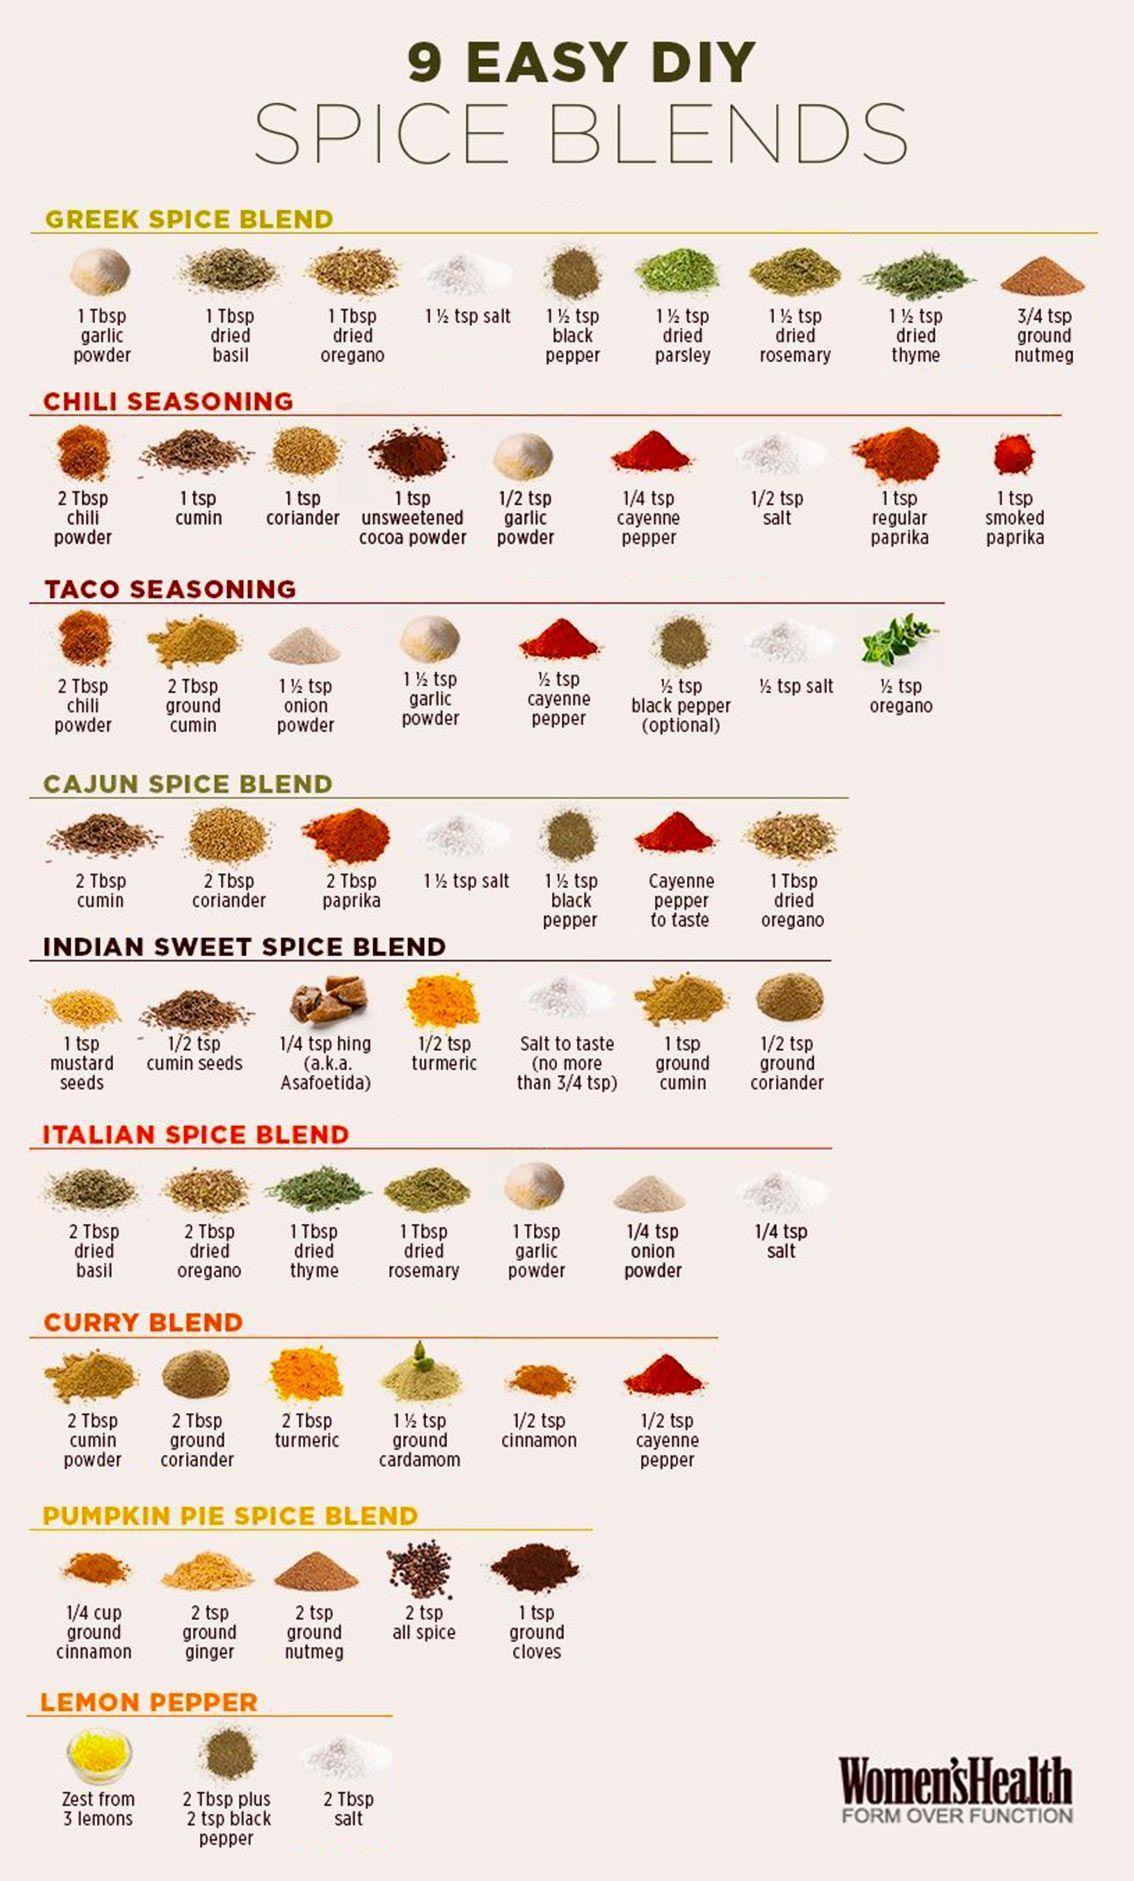 9 Easy Homemade Spice Blends